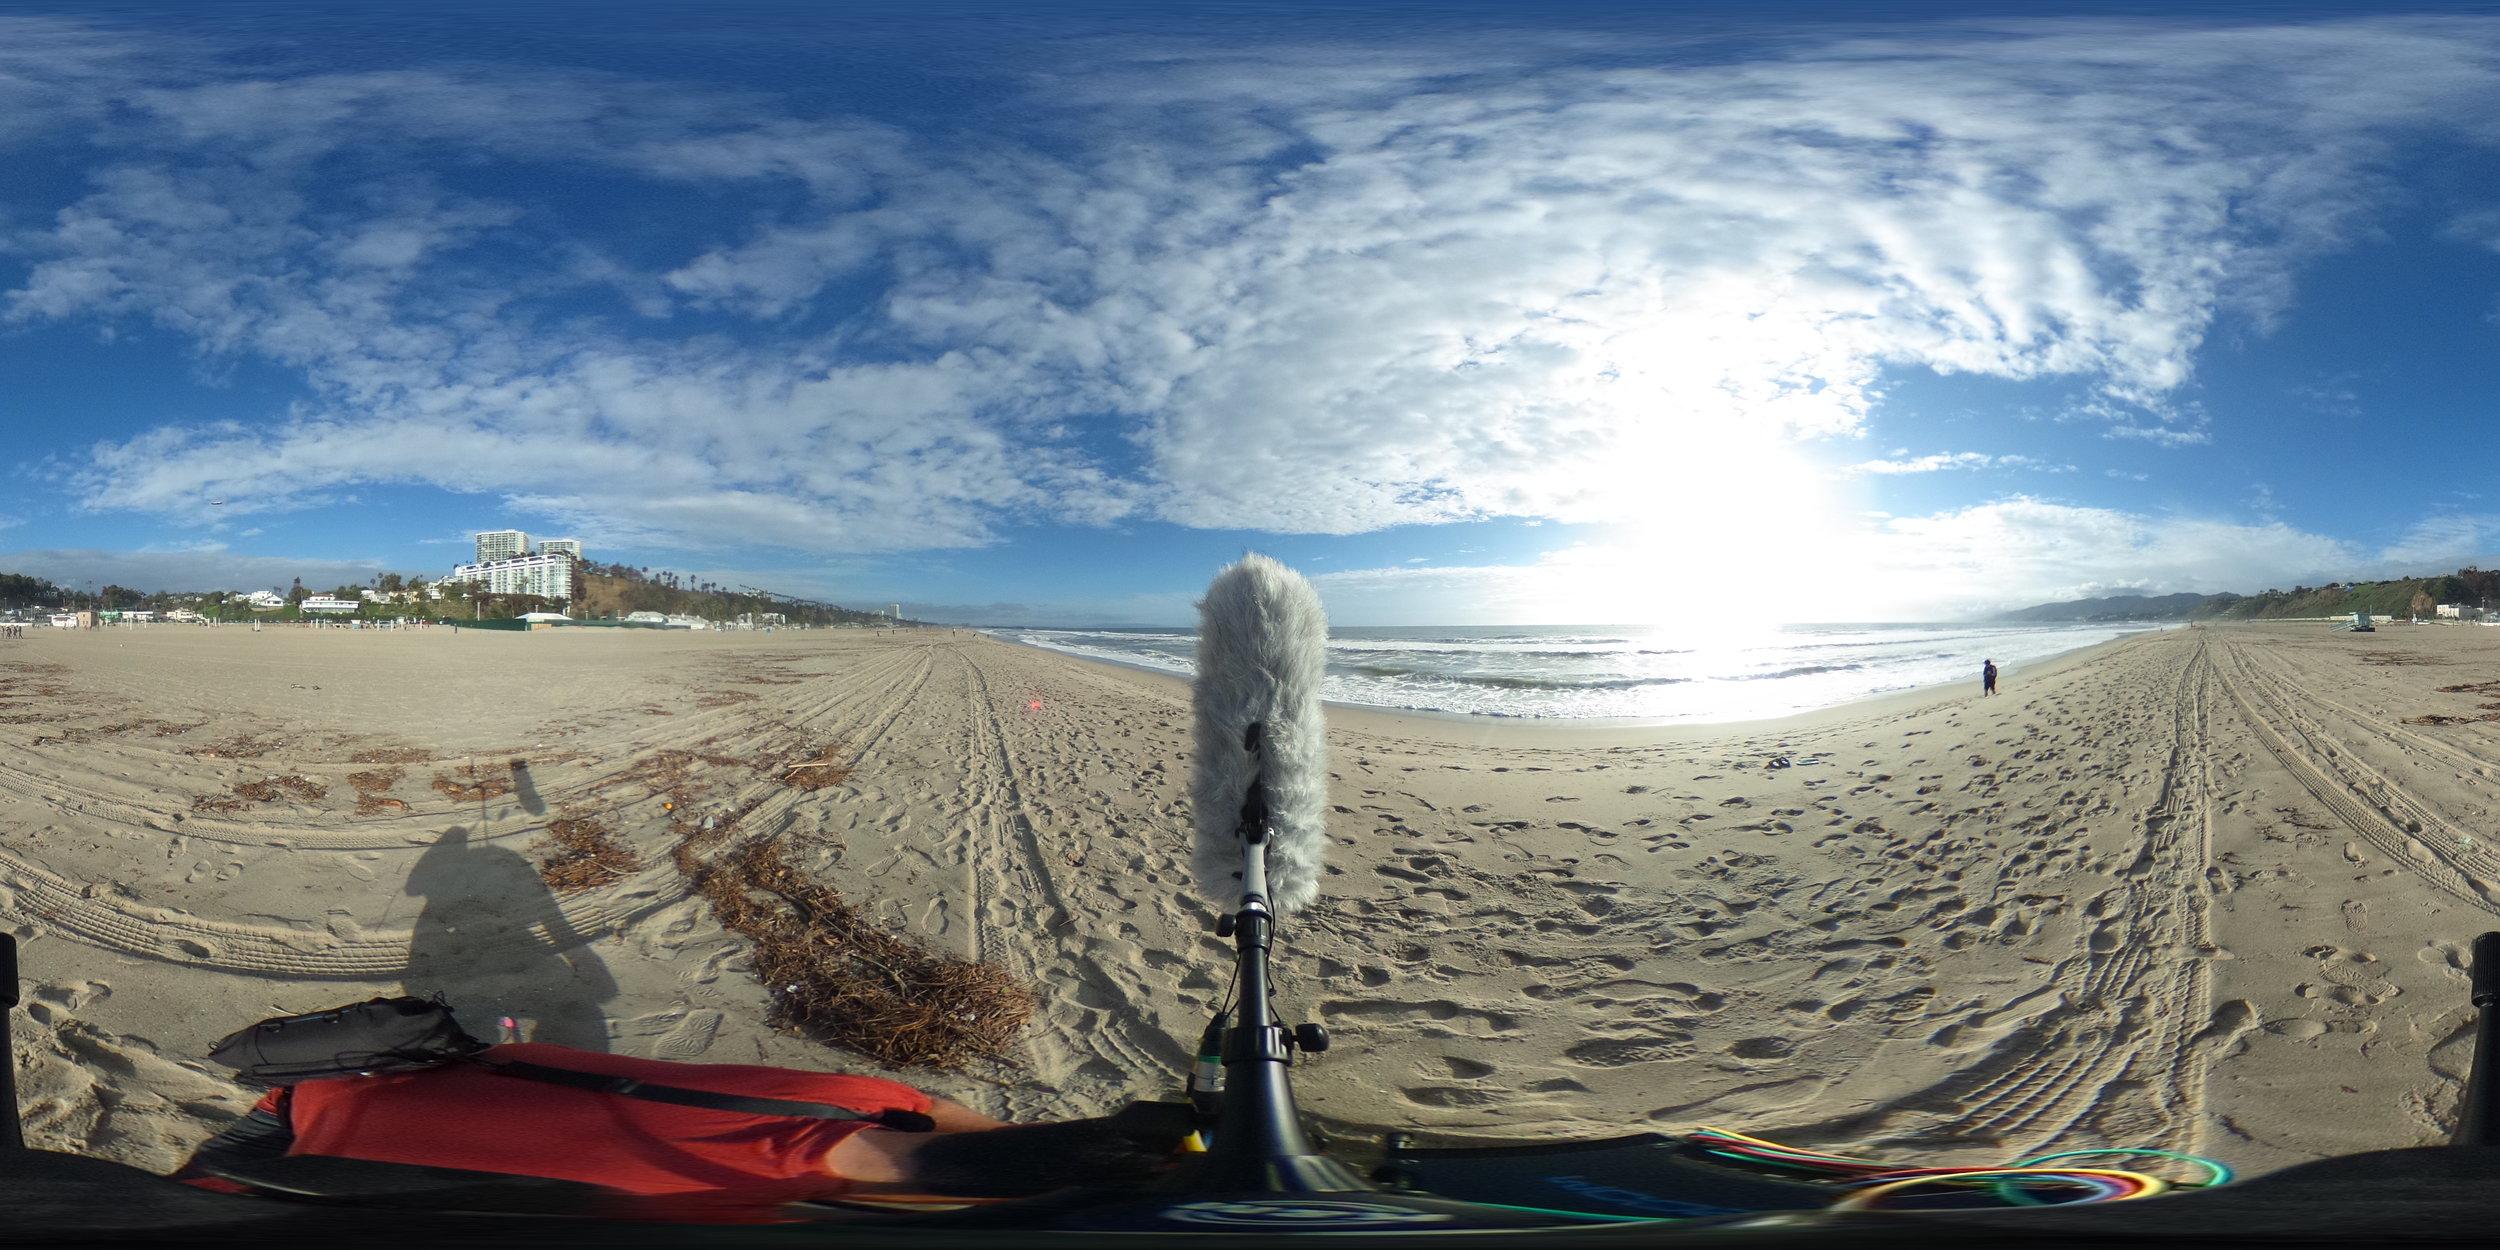 EXT_Day_Beach_OceanWaves_CloseMediumDistance_JPEG.JPG